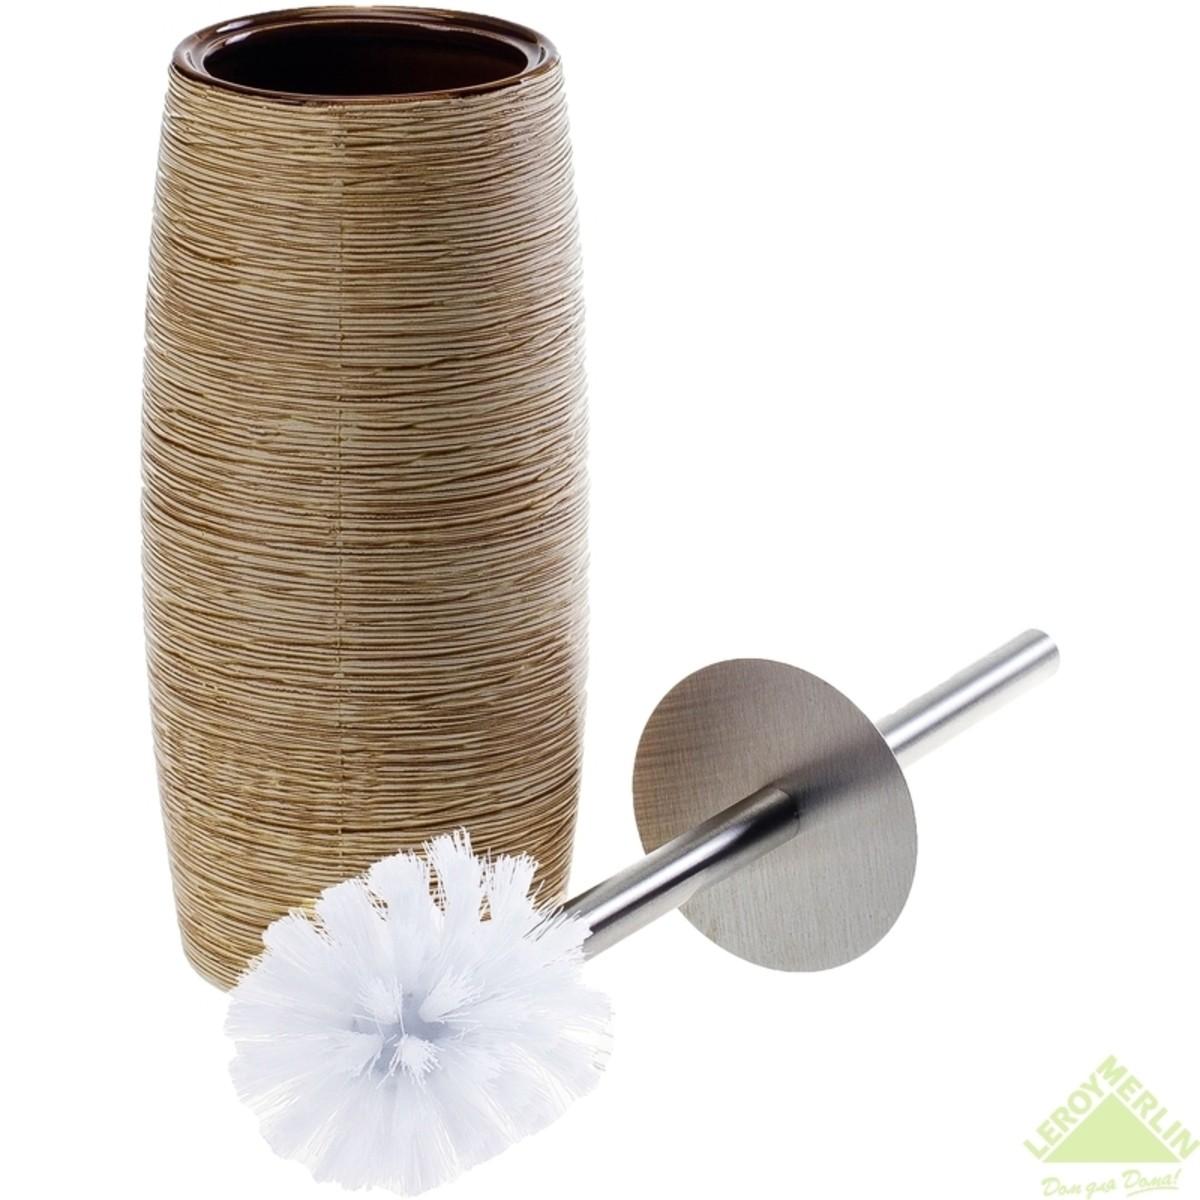 Ершик для унитаза Bees керамический